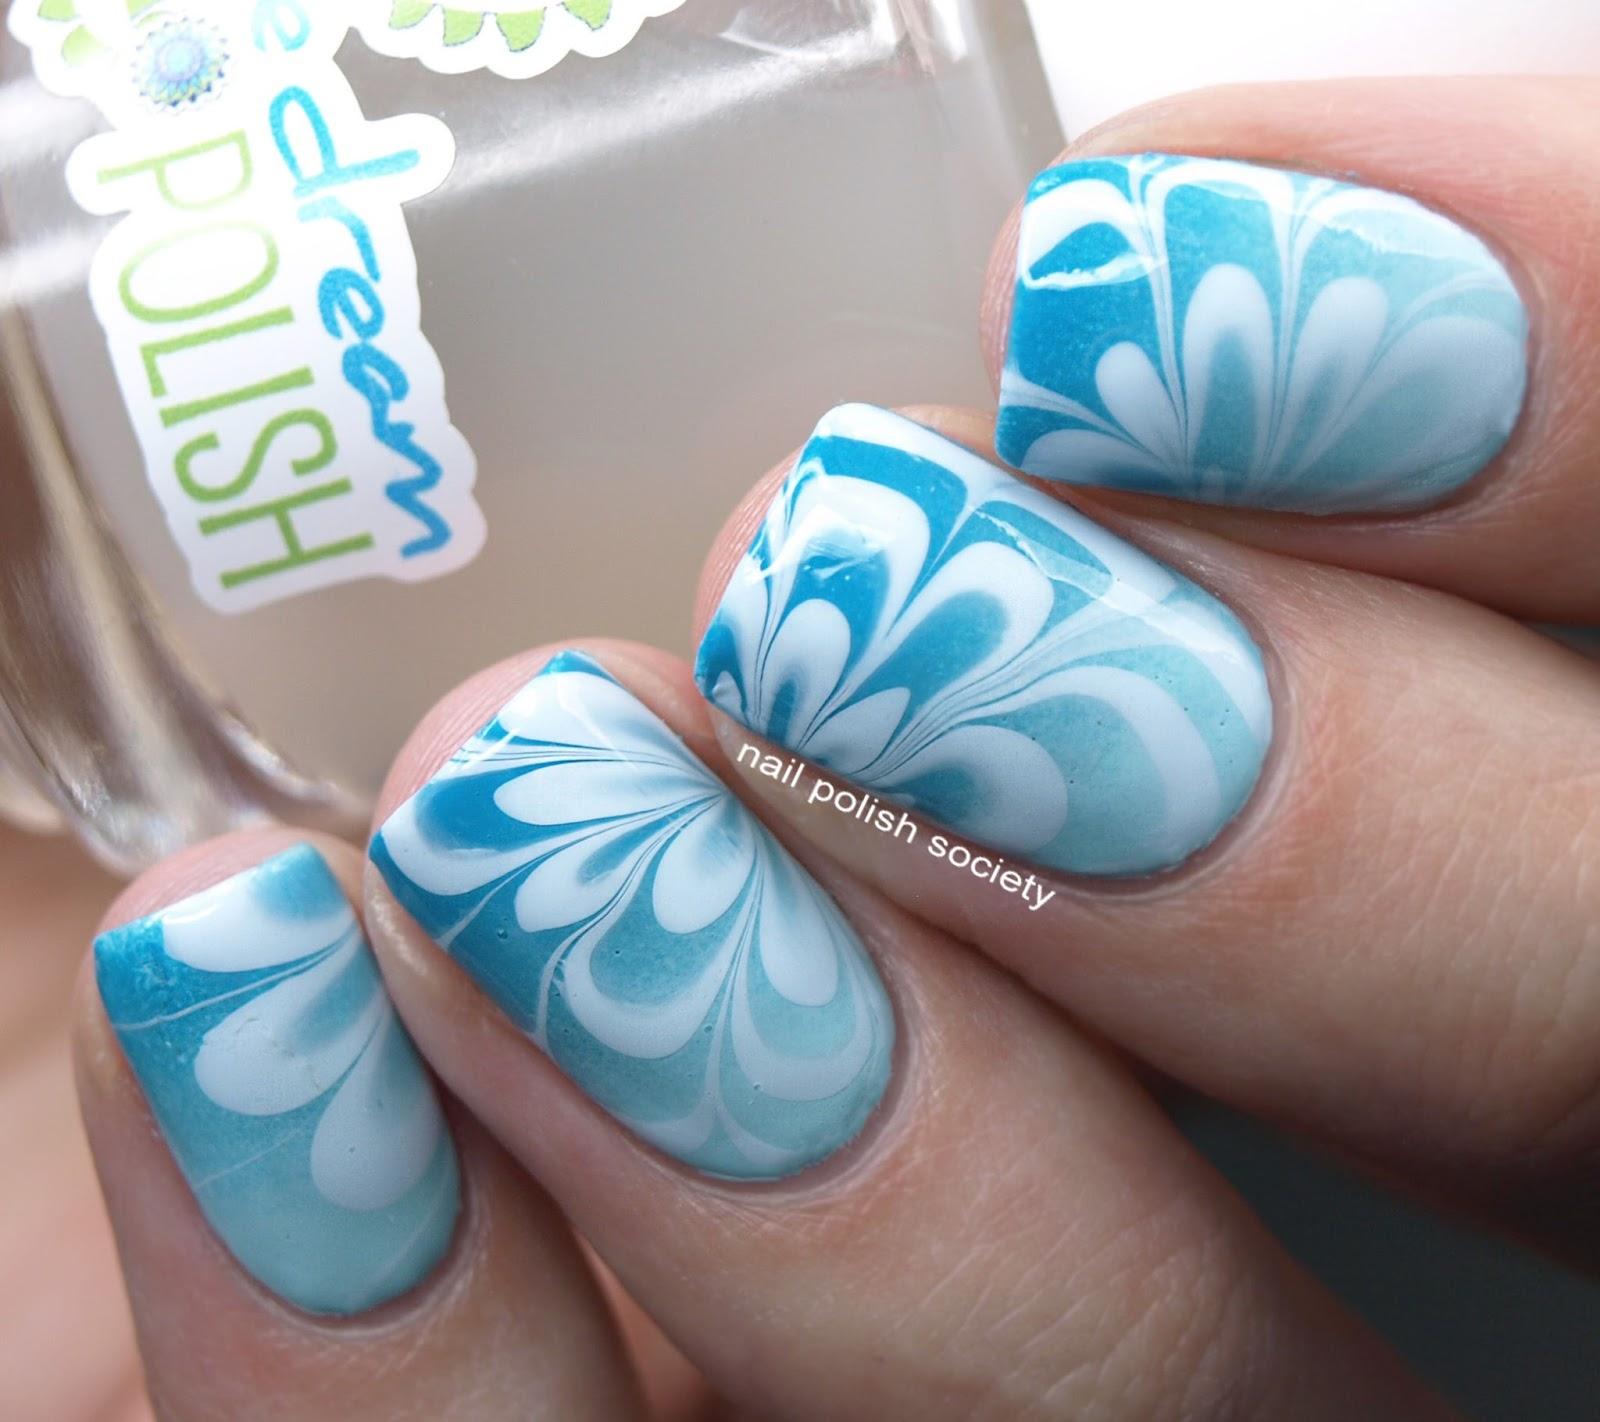 Nail polish society 40 great nail art ideas aqua or turquoise 40 great nail art ideas aqua or turquoise gradient prinsesfo Images